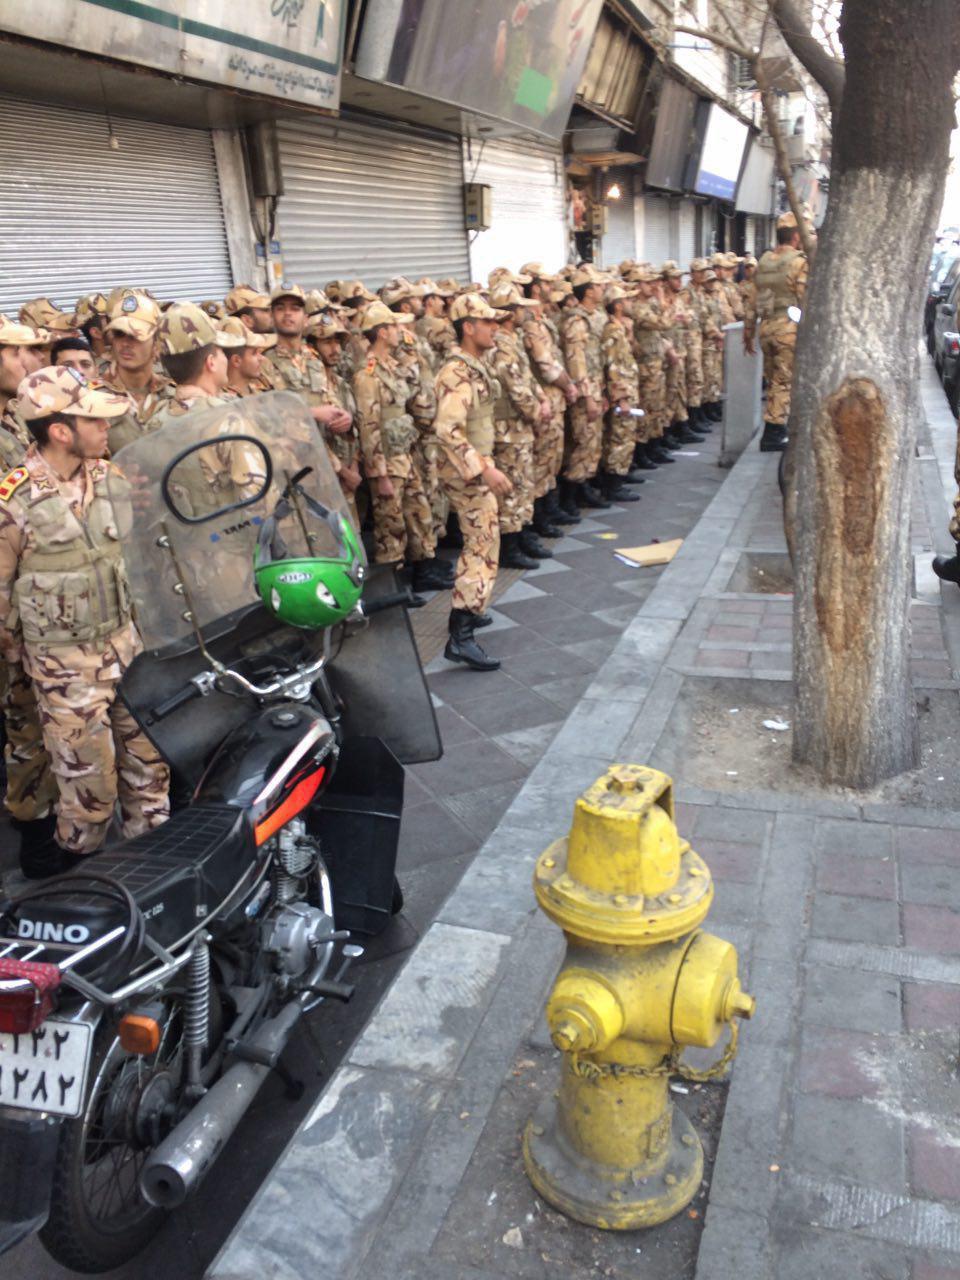 آغاز آواربرداری در پلاسکو/ حضور ماموران یگان ویژه و ارتش برای تامین نظم و امنیت